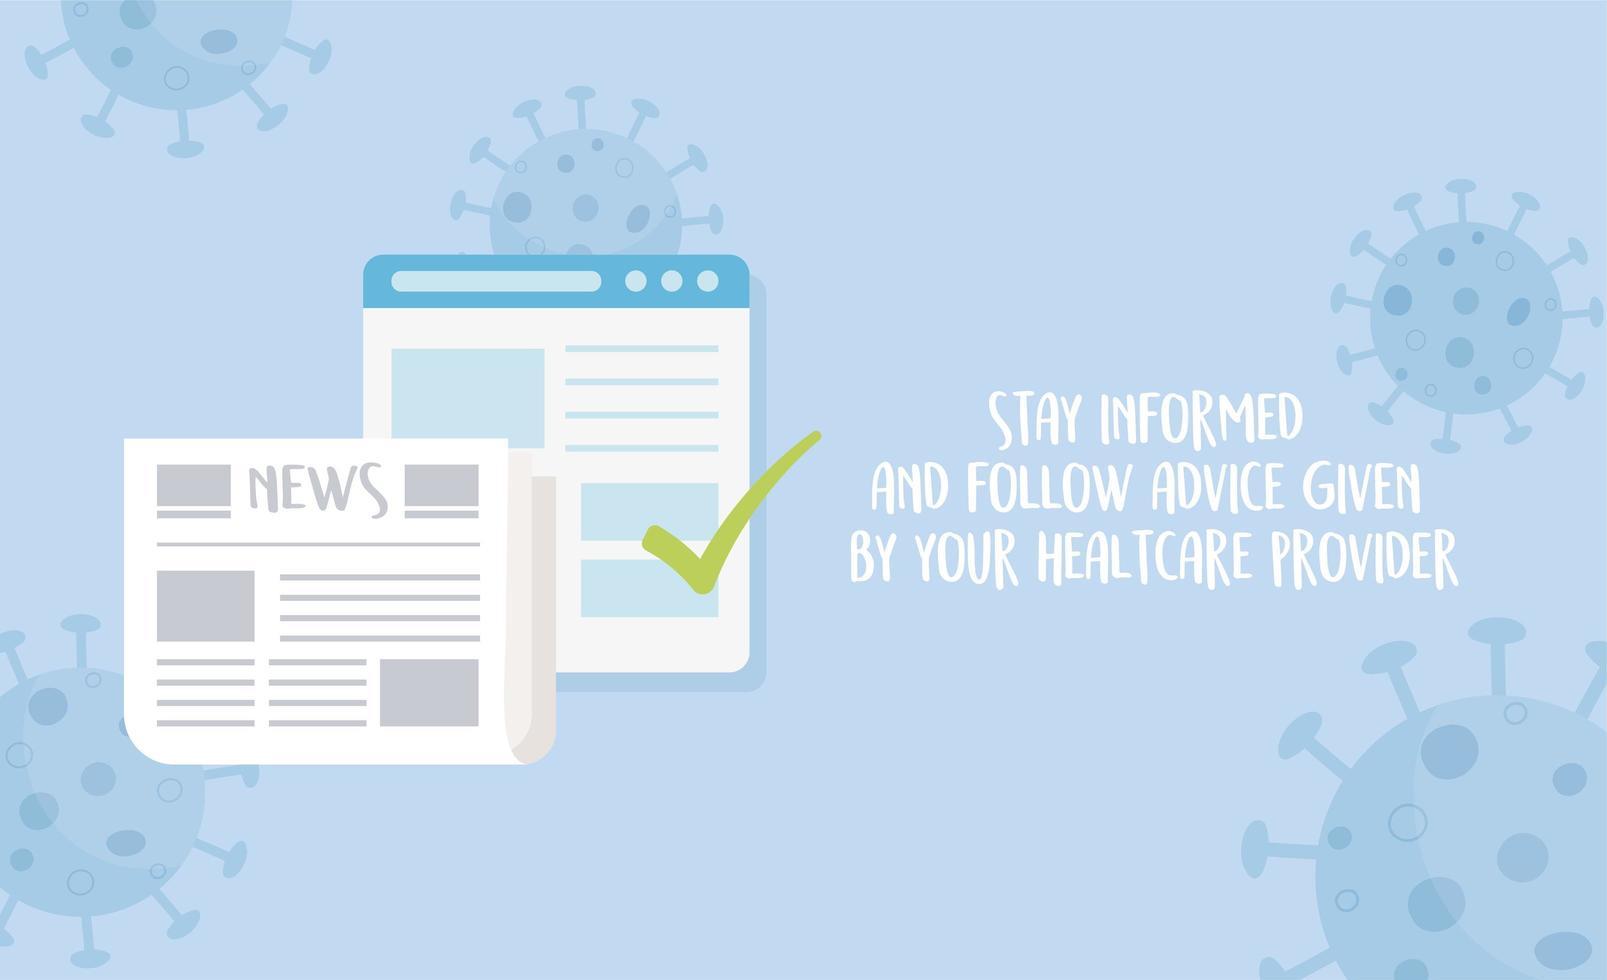 Prevención del coronavirus con mensaje de mantenerse informado vector